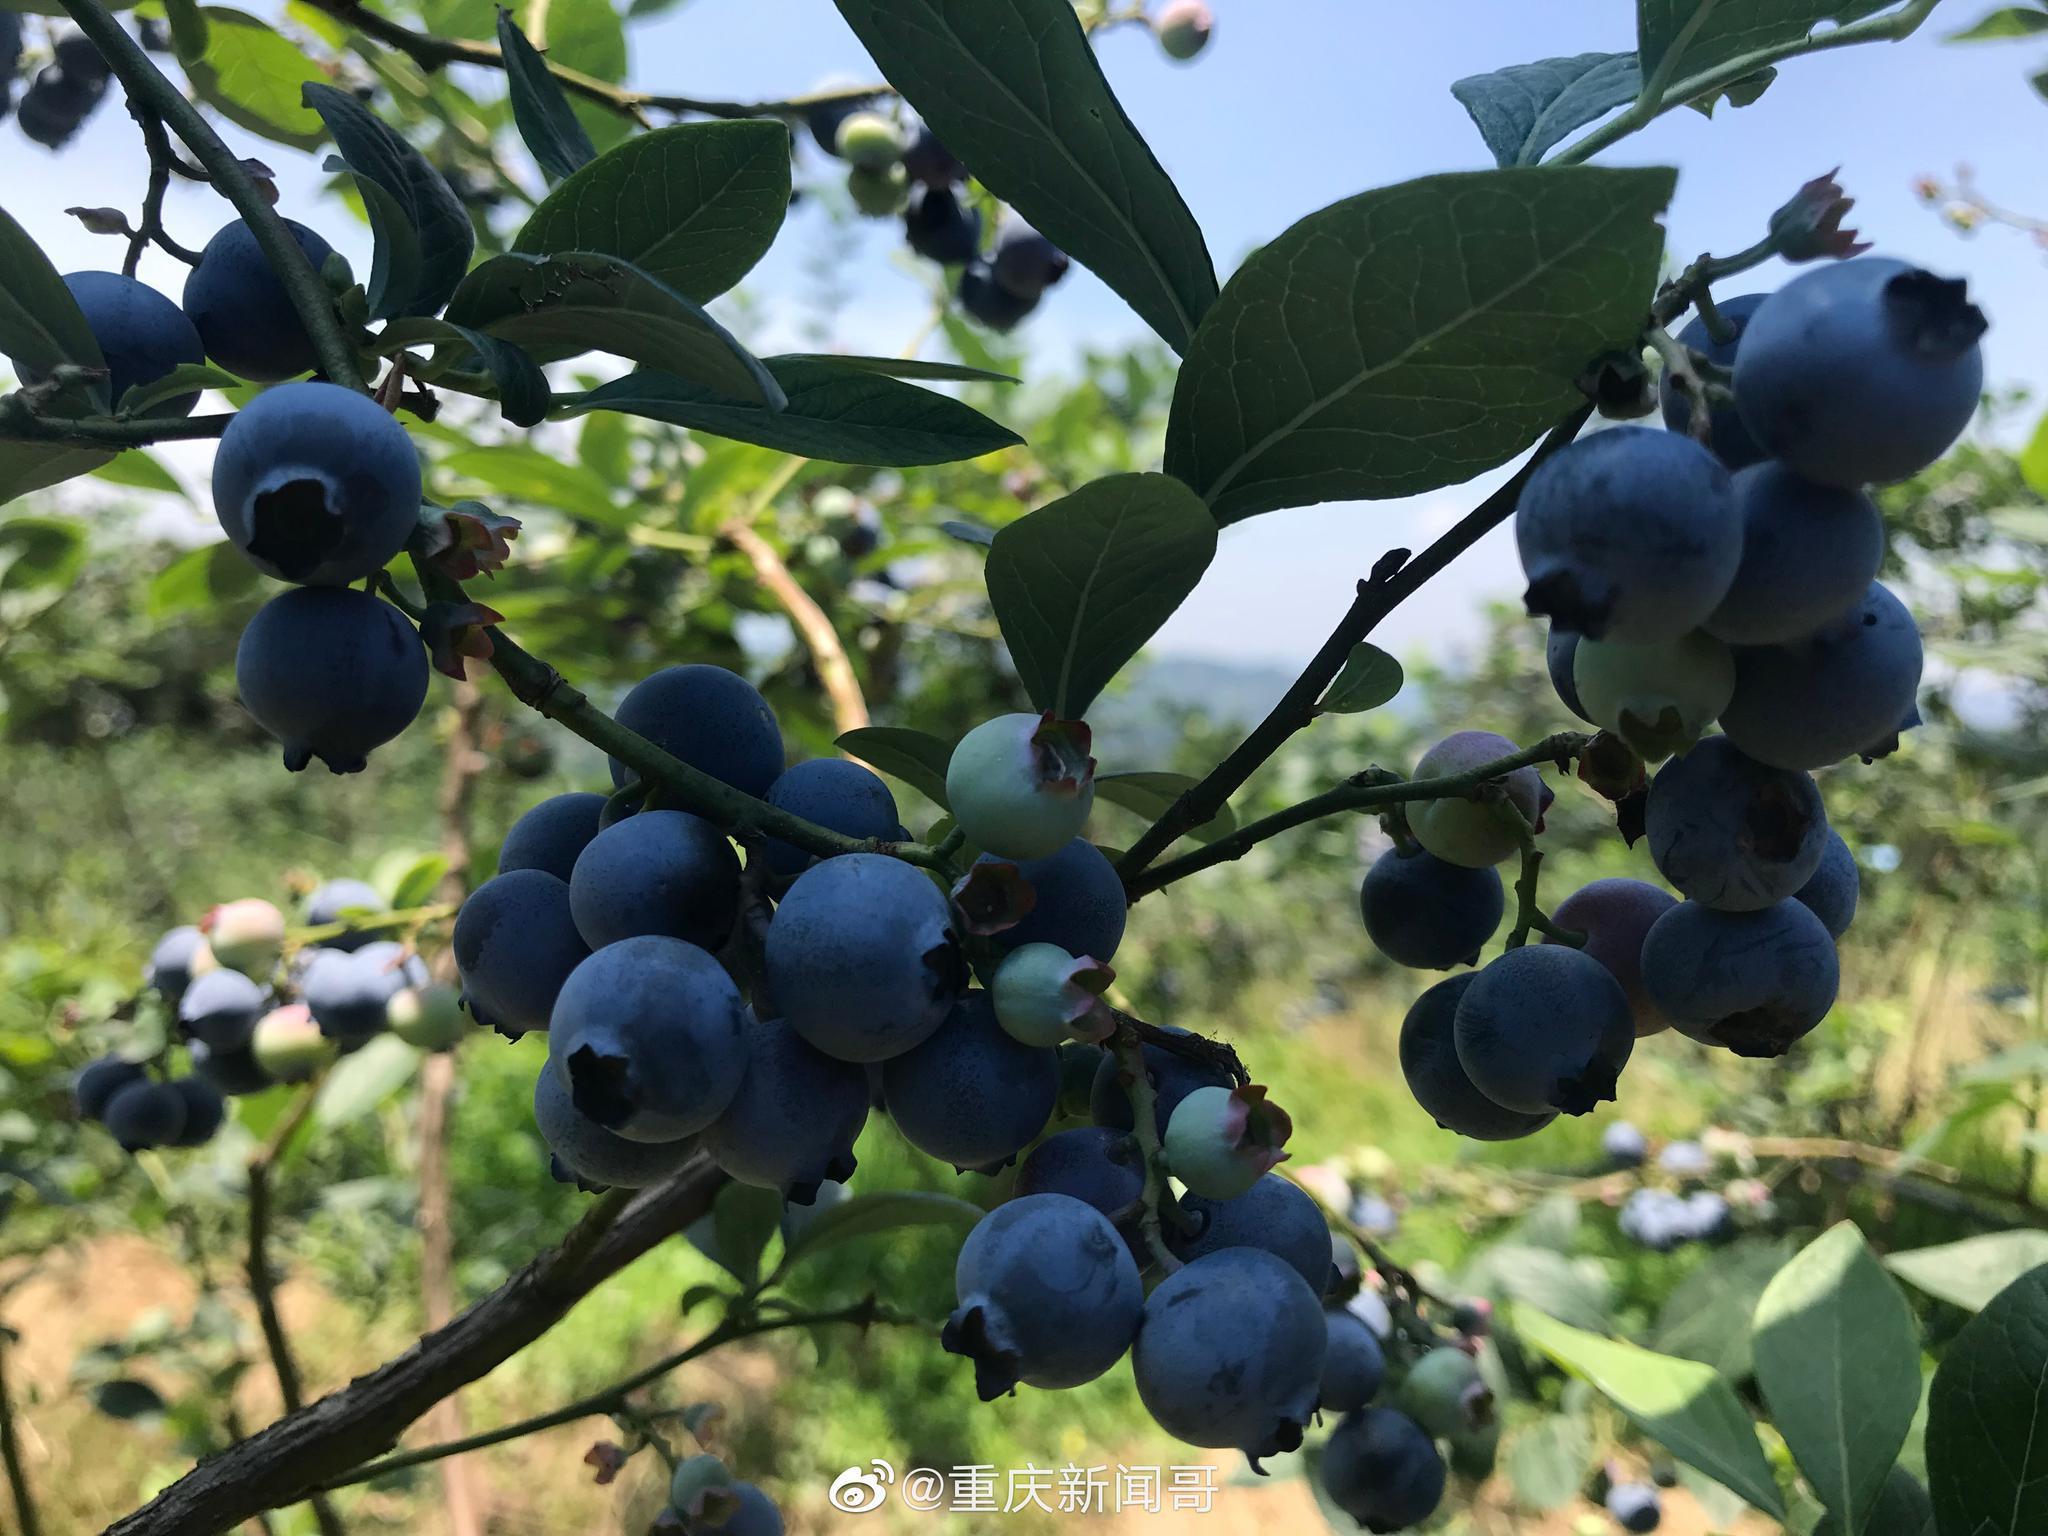 巴南蓝顶的蓝莓熟了,新闻哥的心儿醉了